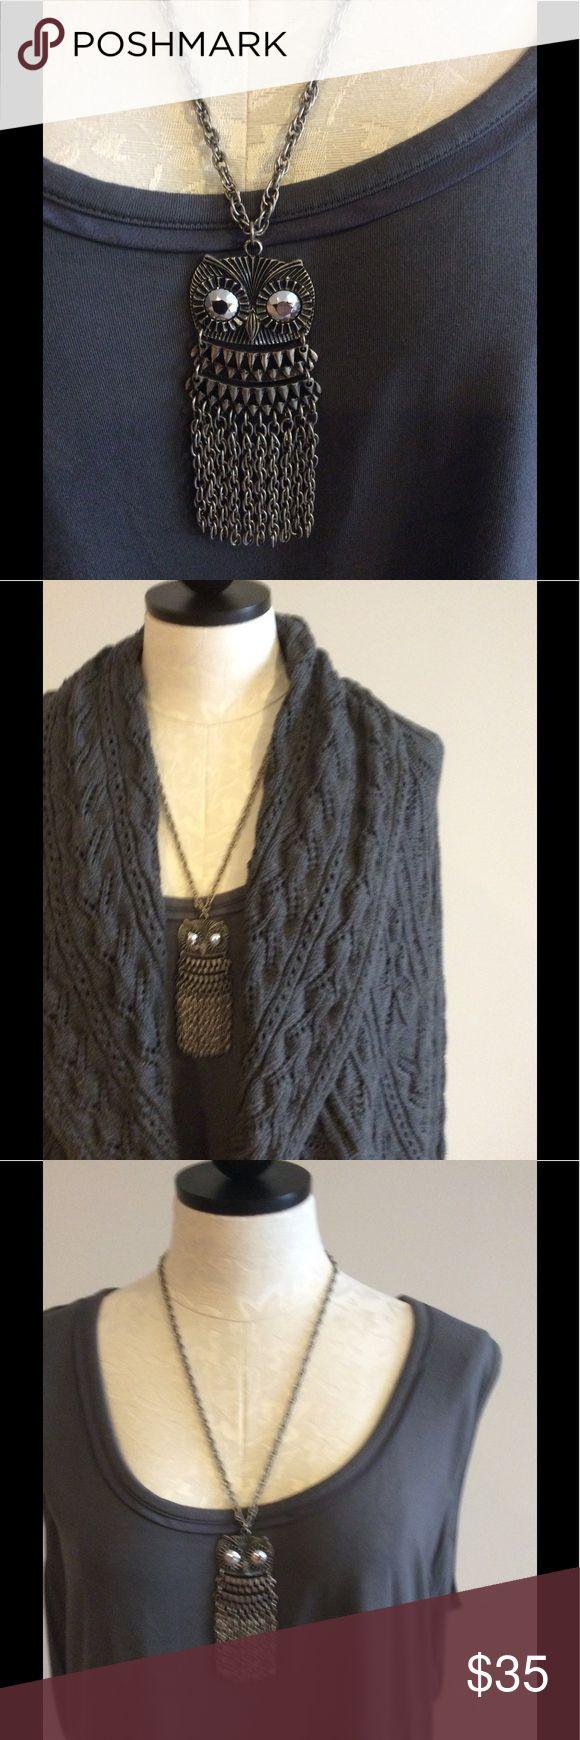 Park Lane owl necklace Adorable silver Park Lane owl necklace. Park Lane Jewelry Necklaces